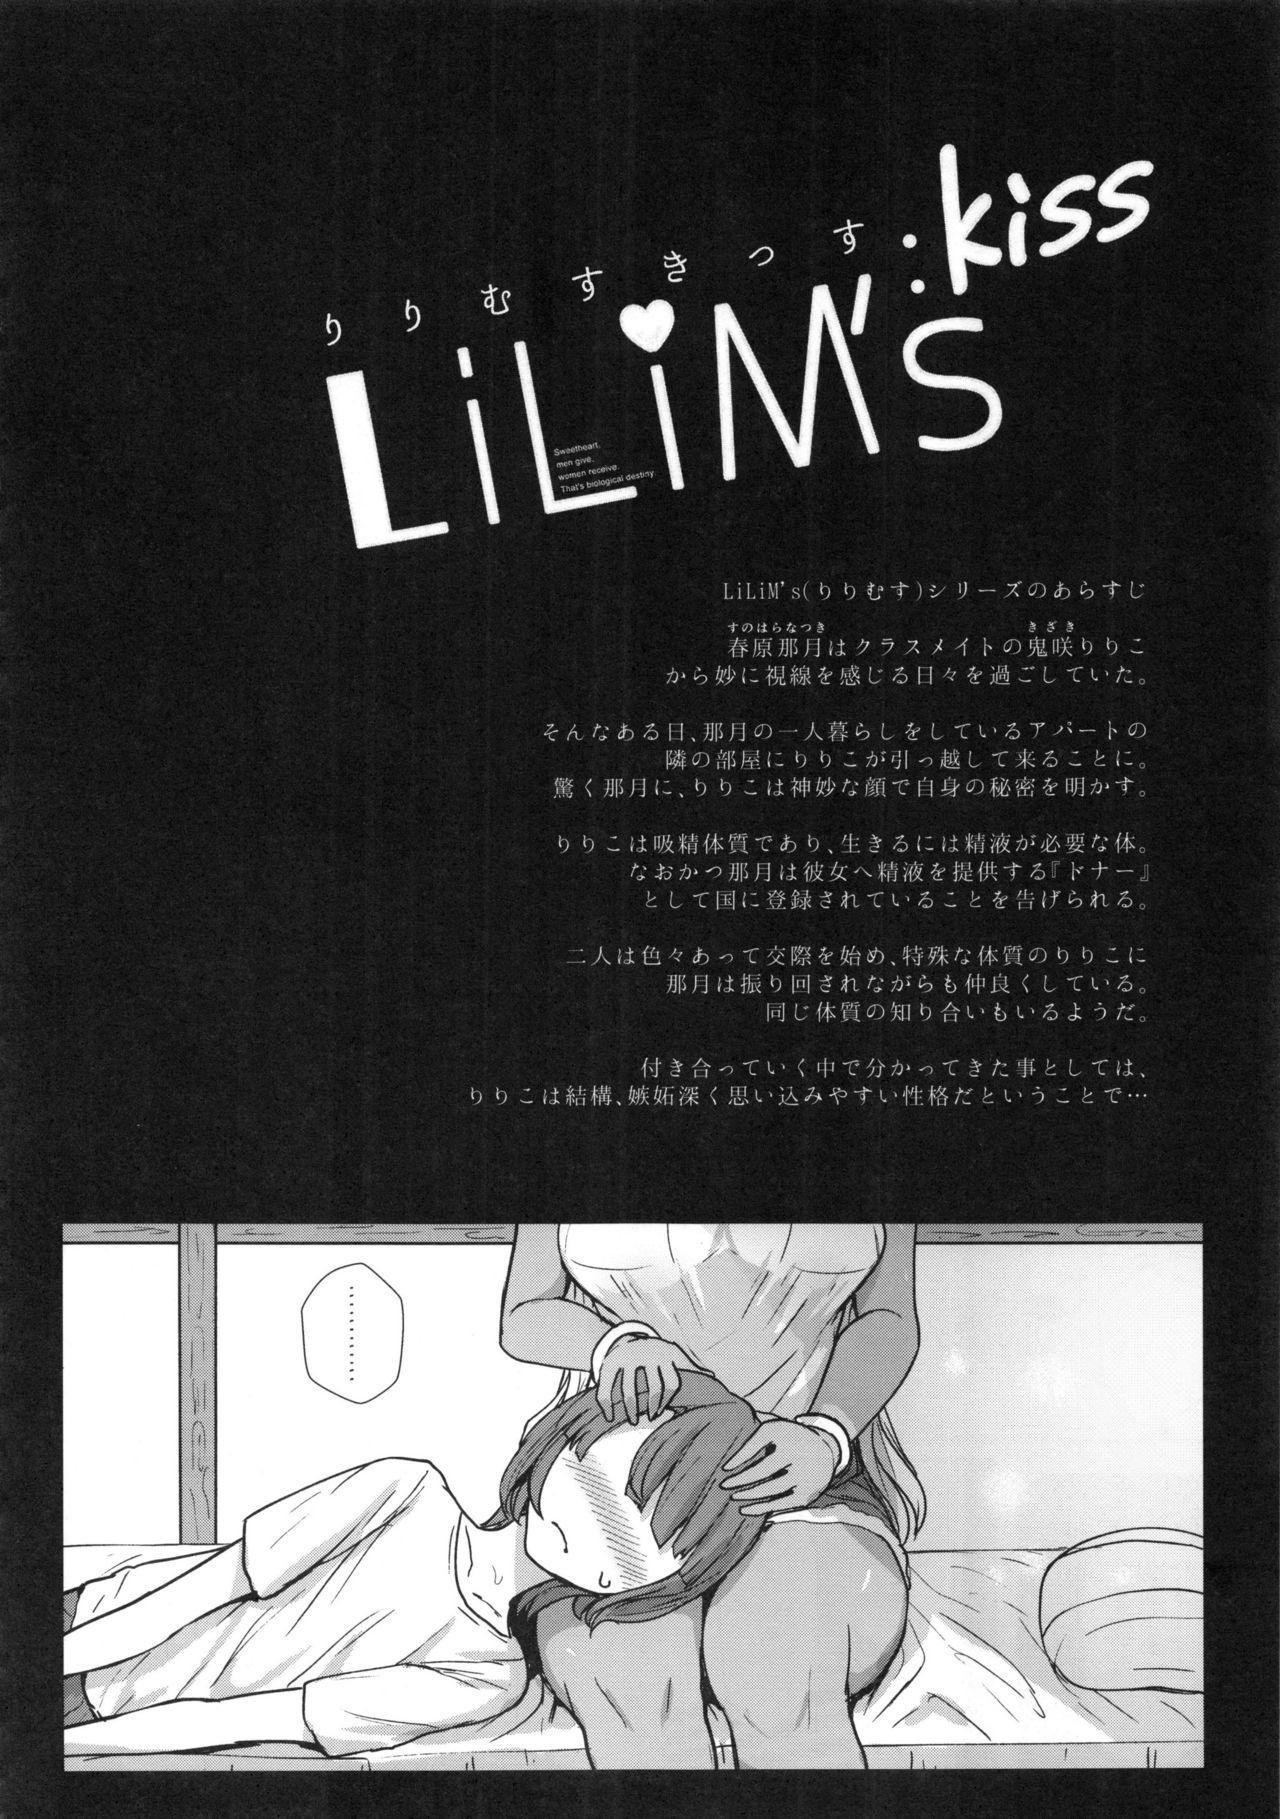 LiLiM's kiss 2